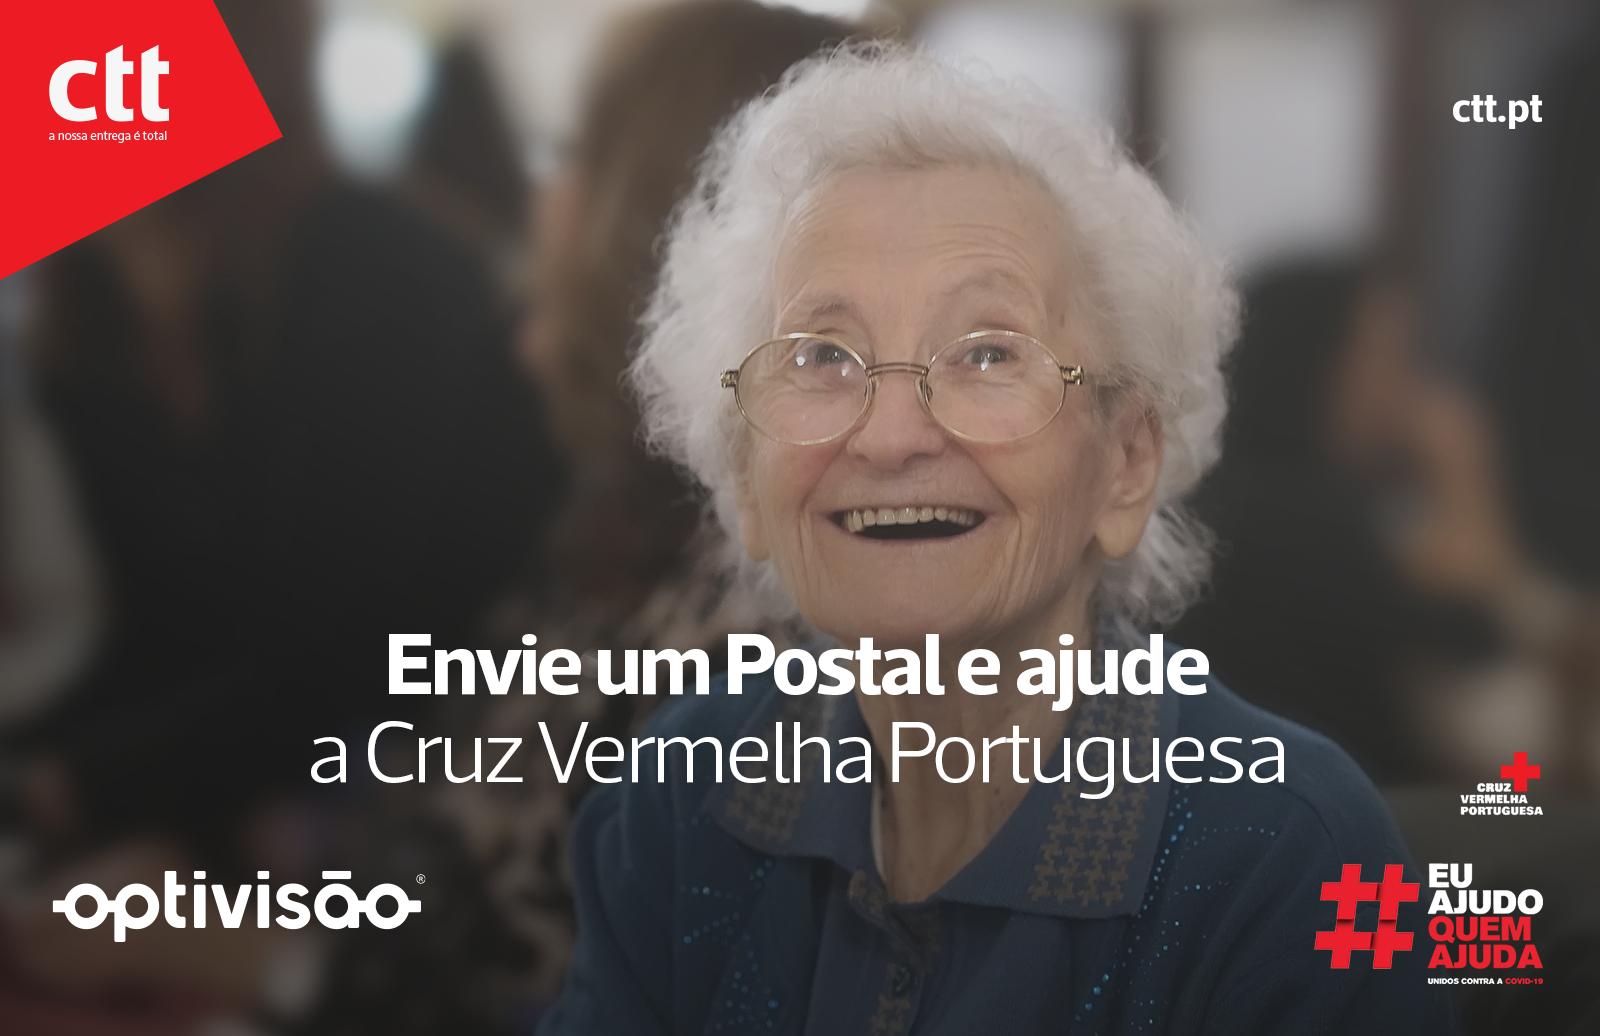 Imagem da notícia: Optivisão e CTT: digno de um postal que #ajudaquemajuda